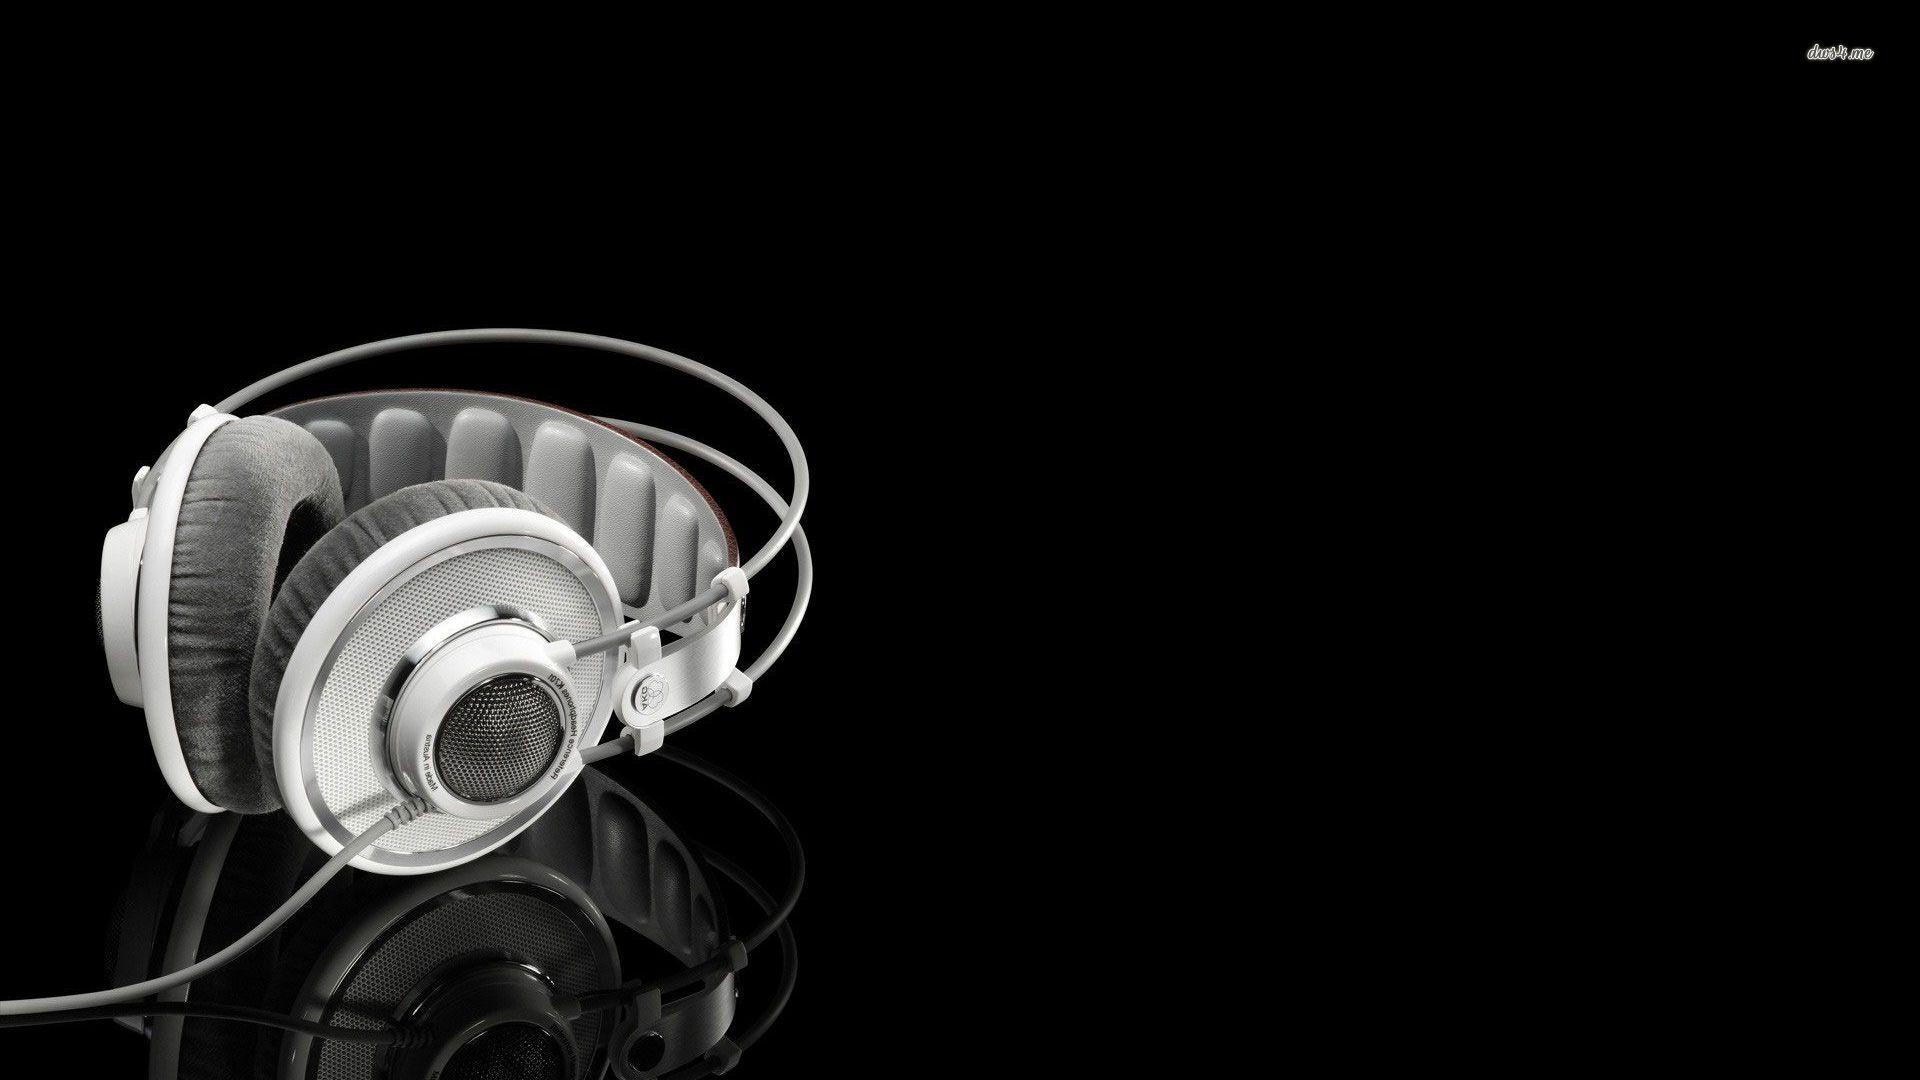 Free Headphones Wallpaper